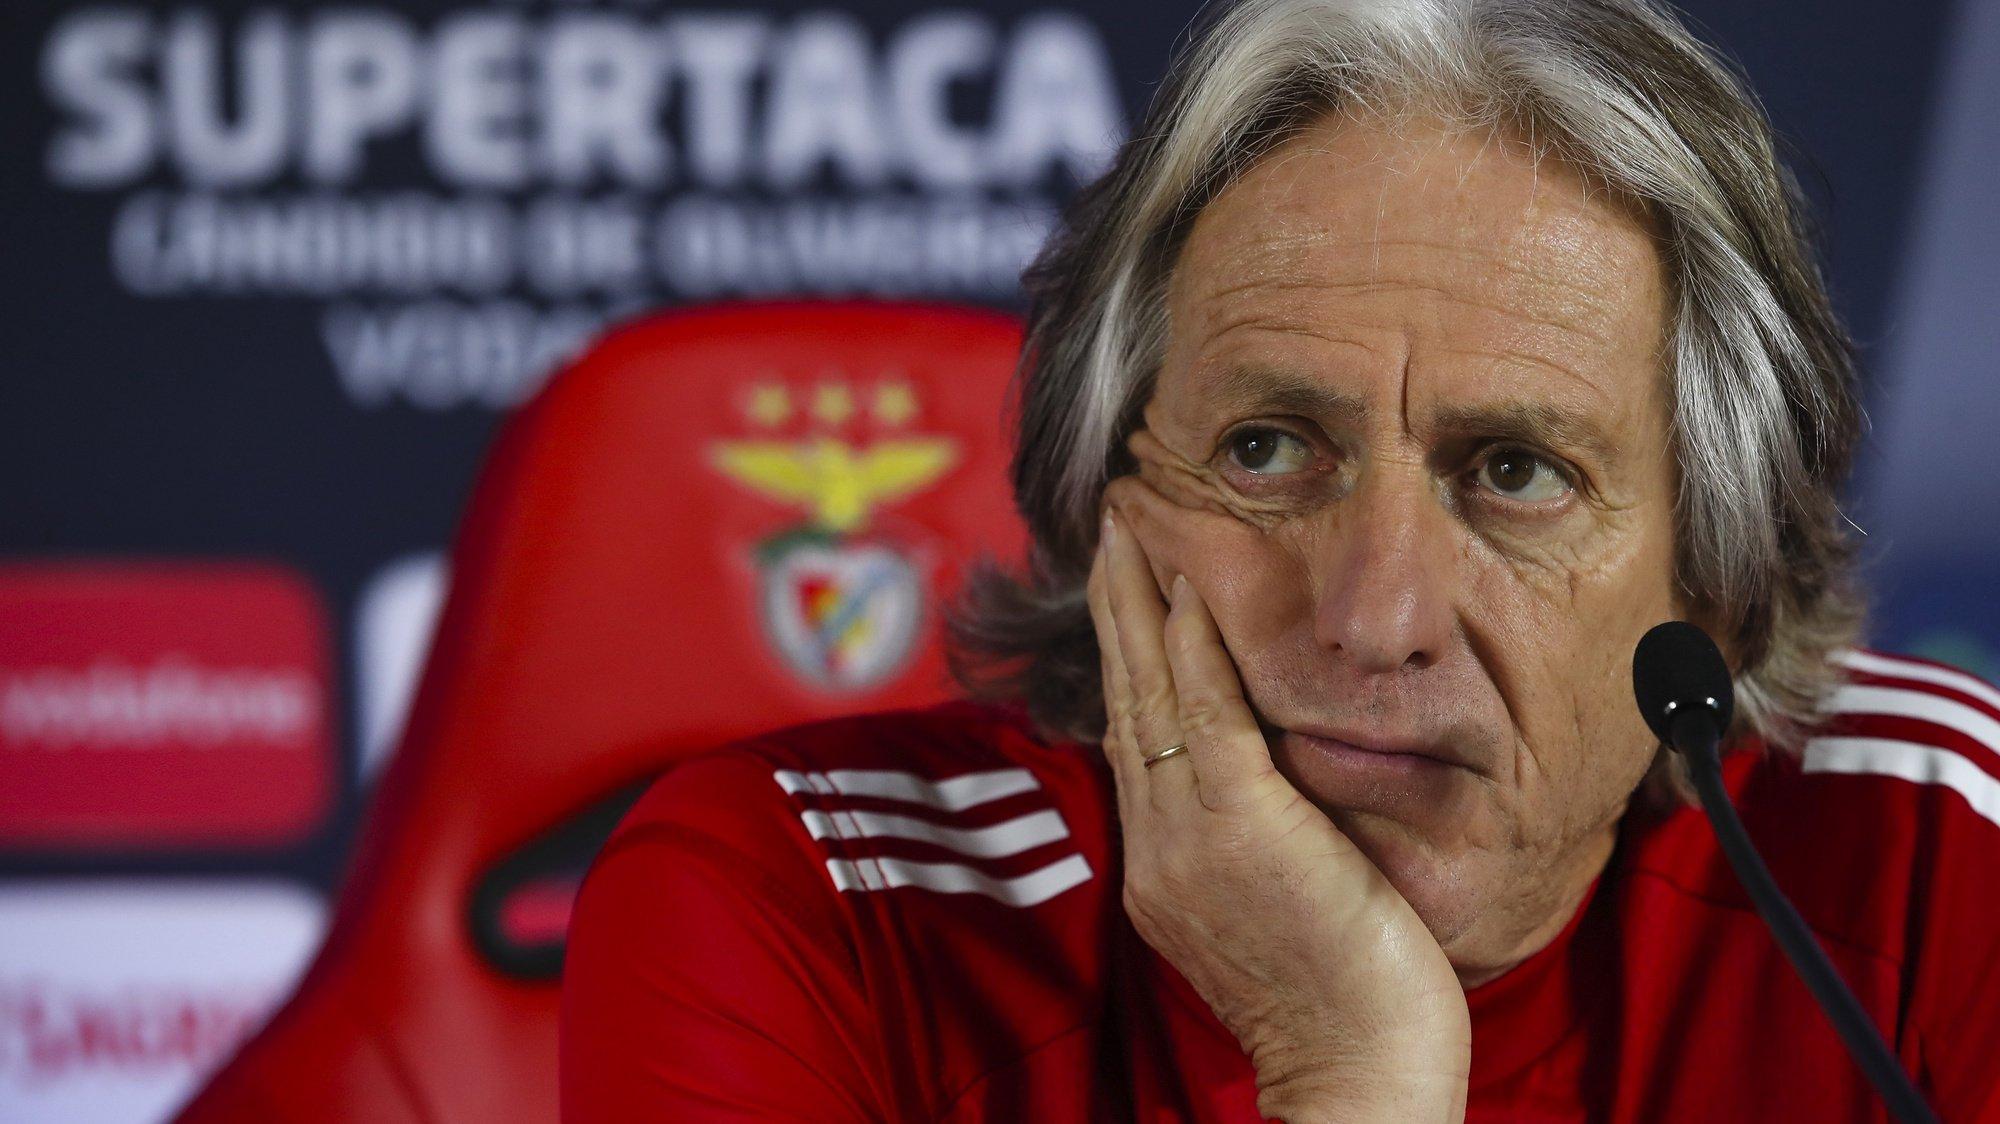 Conferência de imprensa do treinador do Benfica, Jorge Jesus, de antevisão do jogo com o FC Porto para a Supertaça Cândido de Oliveira, em Ílhavo, 22 de dezembro 2020. JOSÉ COELHO/LUSA